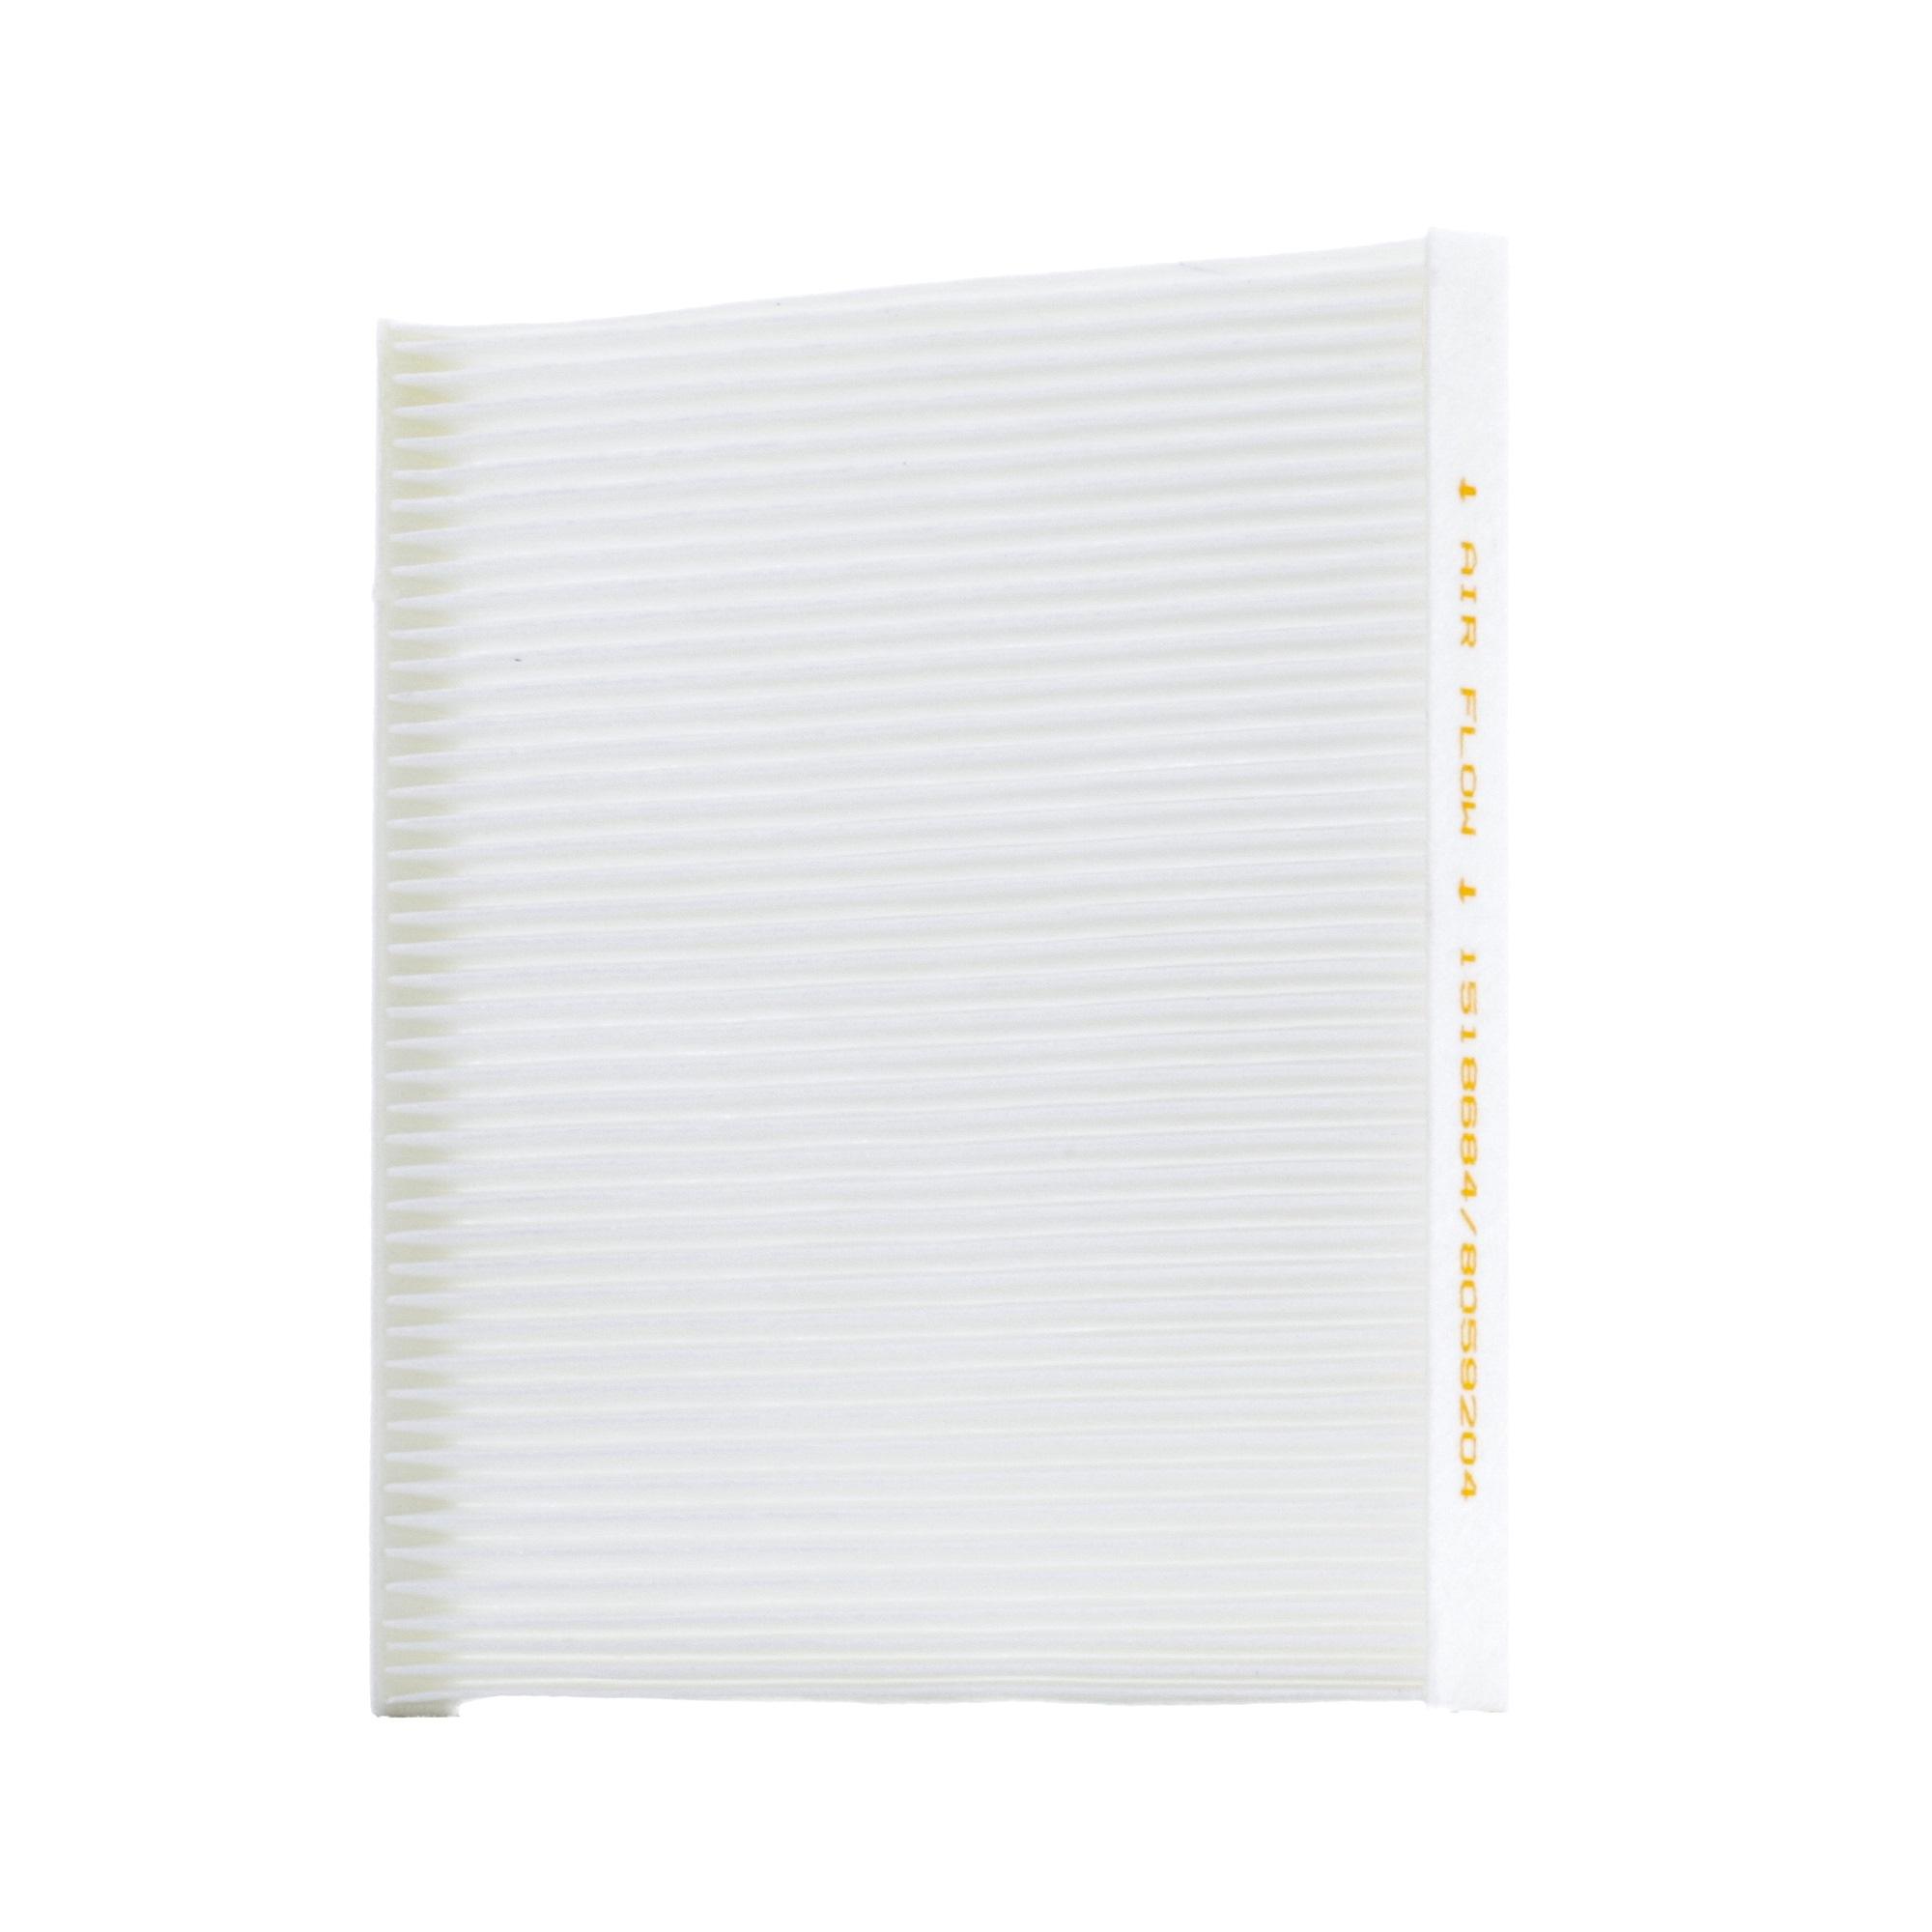 RIDEX: Original Kfz-Klimatisierung 424I0153 (Breite: 210mm, Höhe: 20mm, Länge: 220mm)